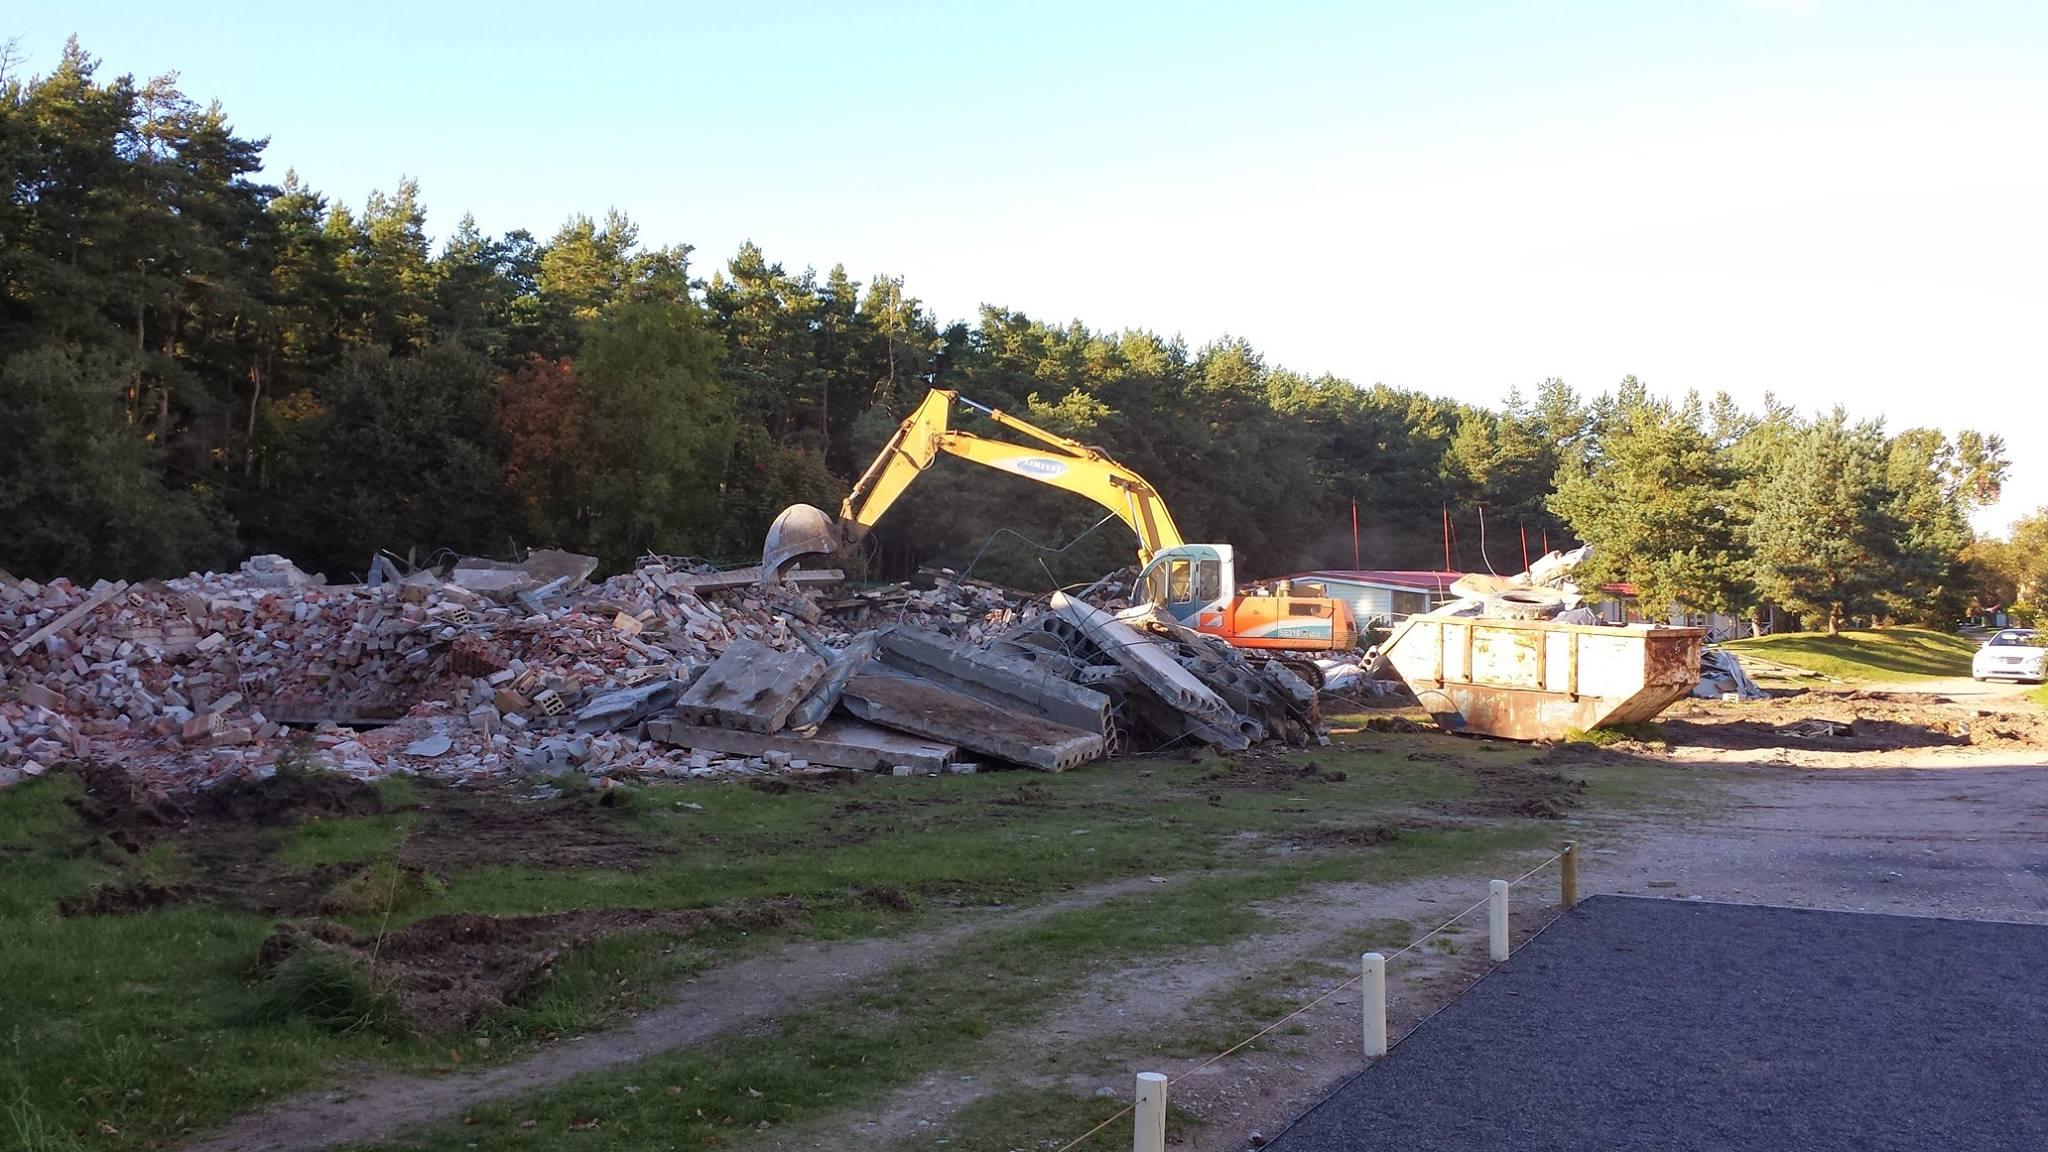 Statybinių atliekų išvežimas ir tvarkymas